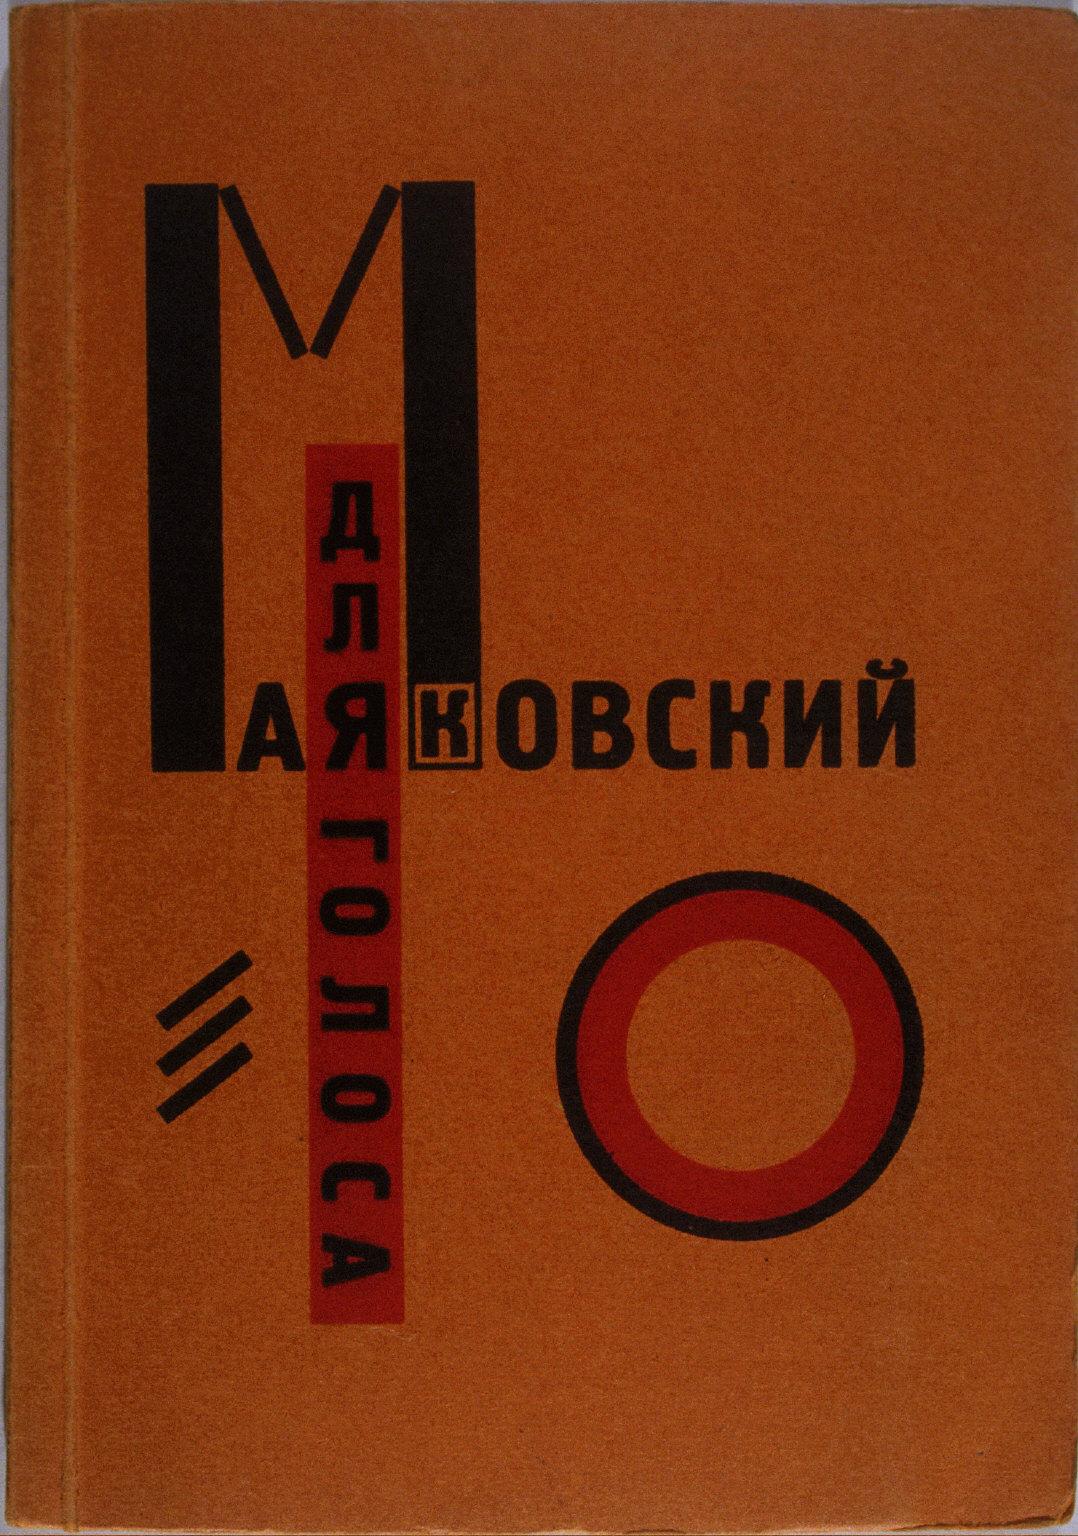 Dlya Golosa (For the Voice) by Vladimir Vladimirovich Mayakovsky (Berlin: Gosizdat, 1923)